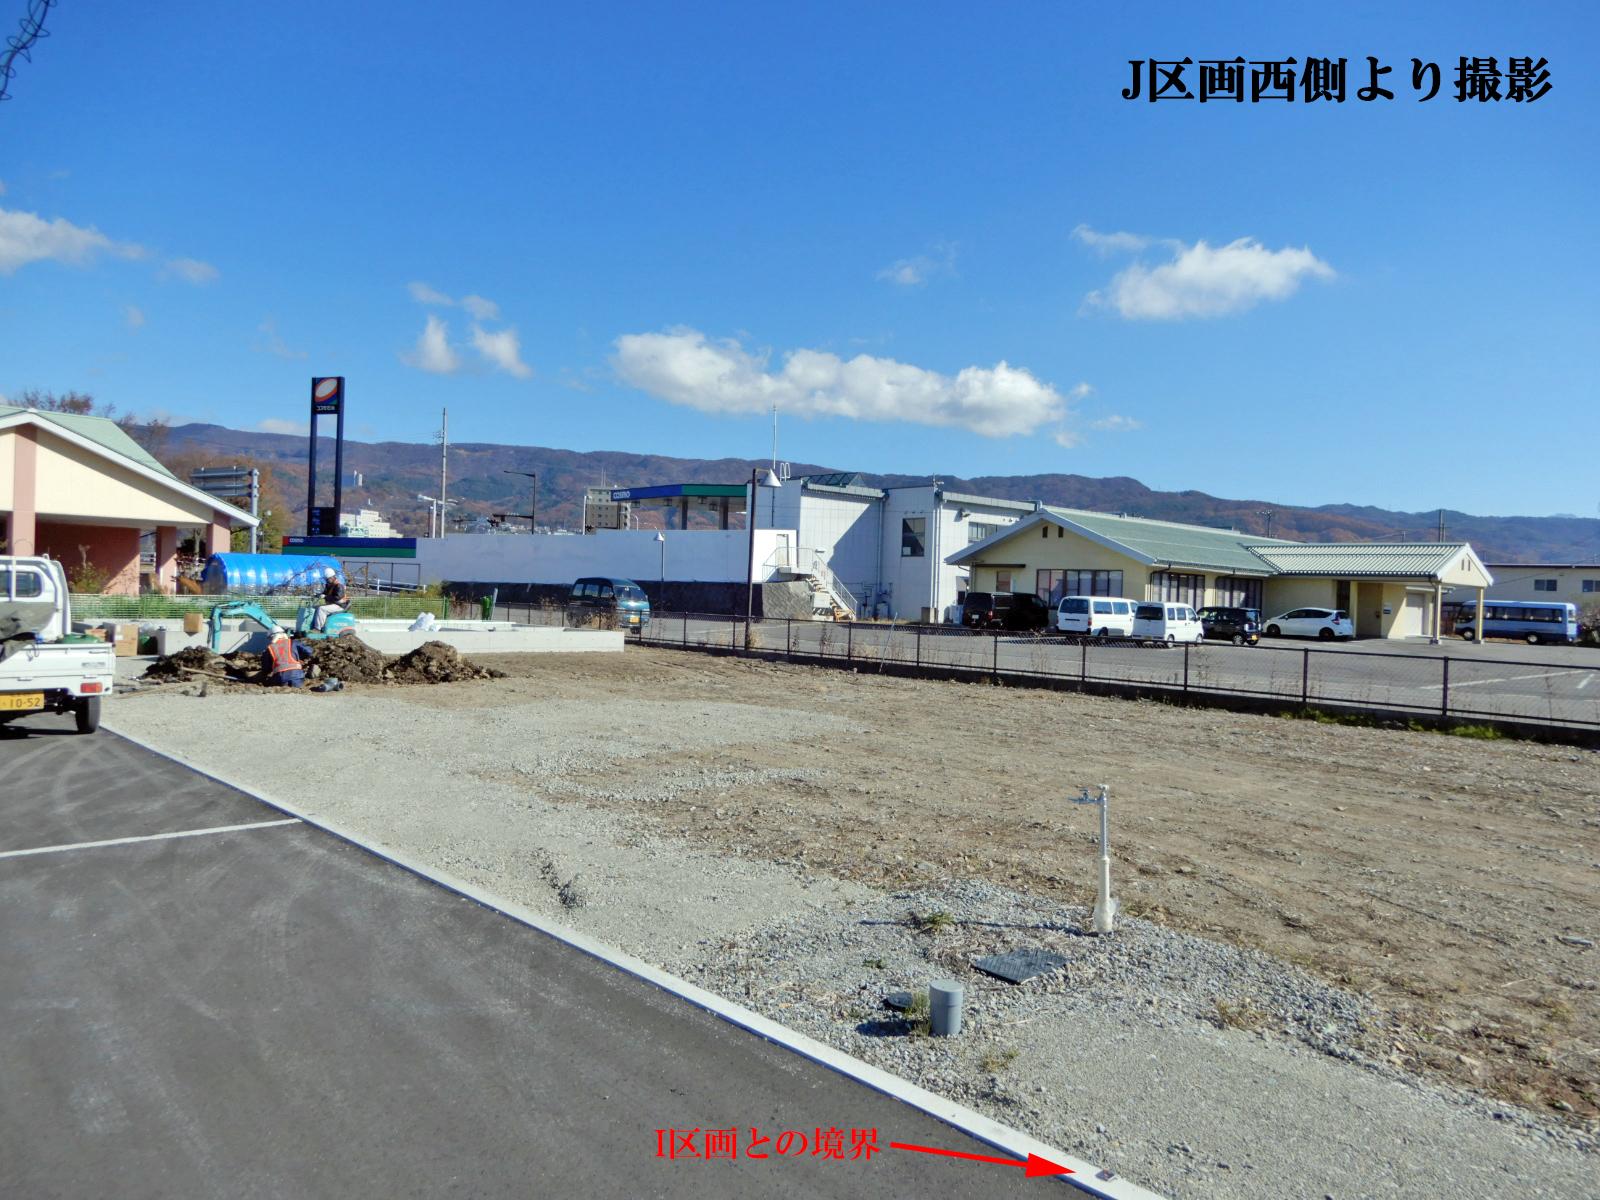 諏訪市渋崎 J区画_アイキャッチ画像